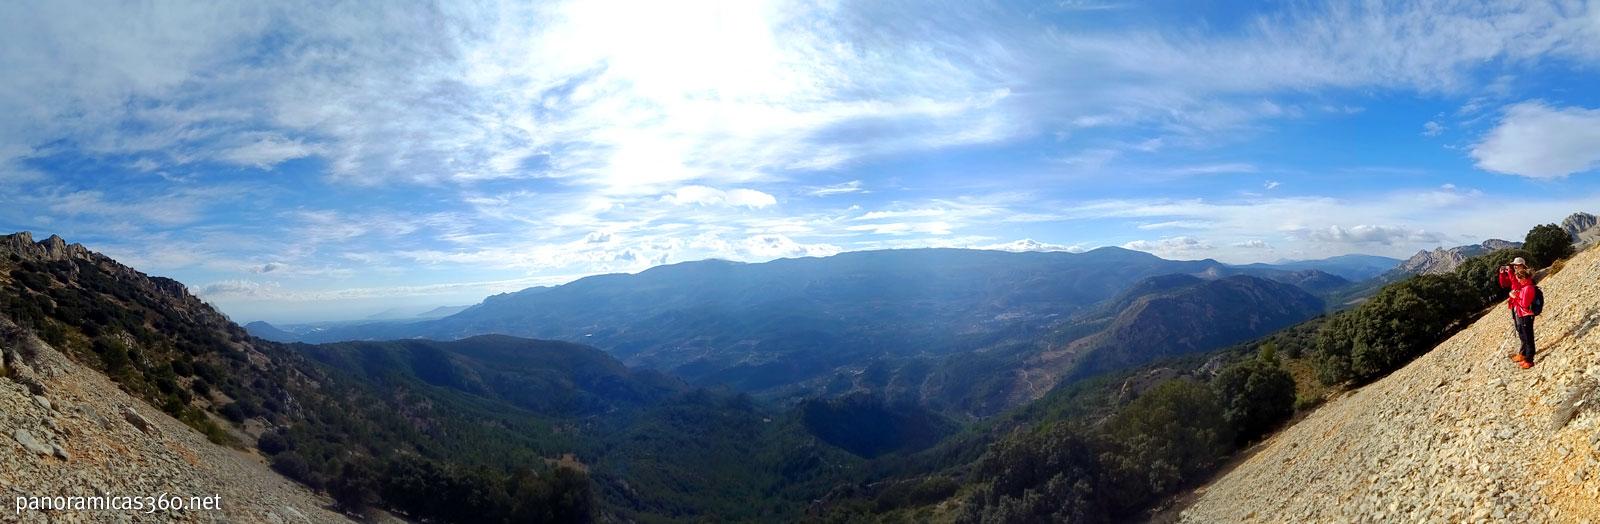 Panorámica del valle de Guadalest desde la sierra Serrella